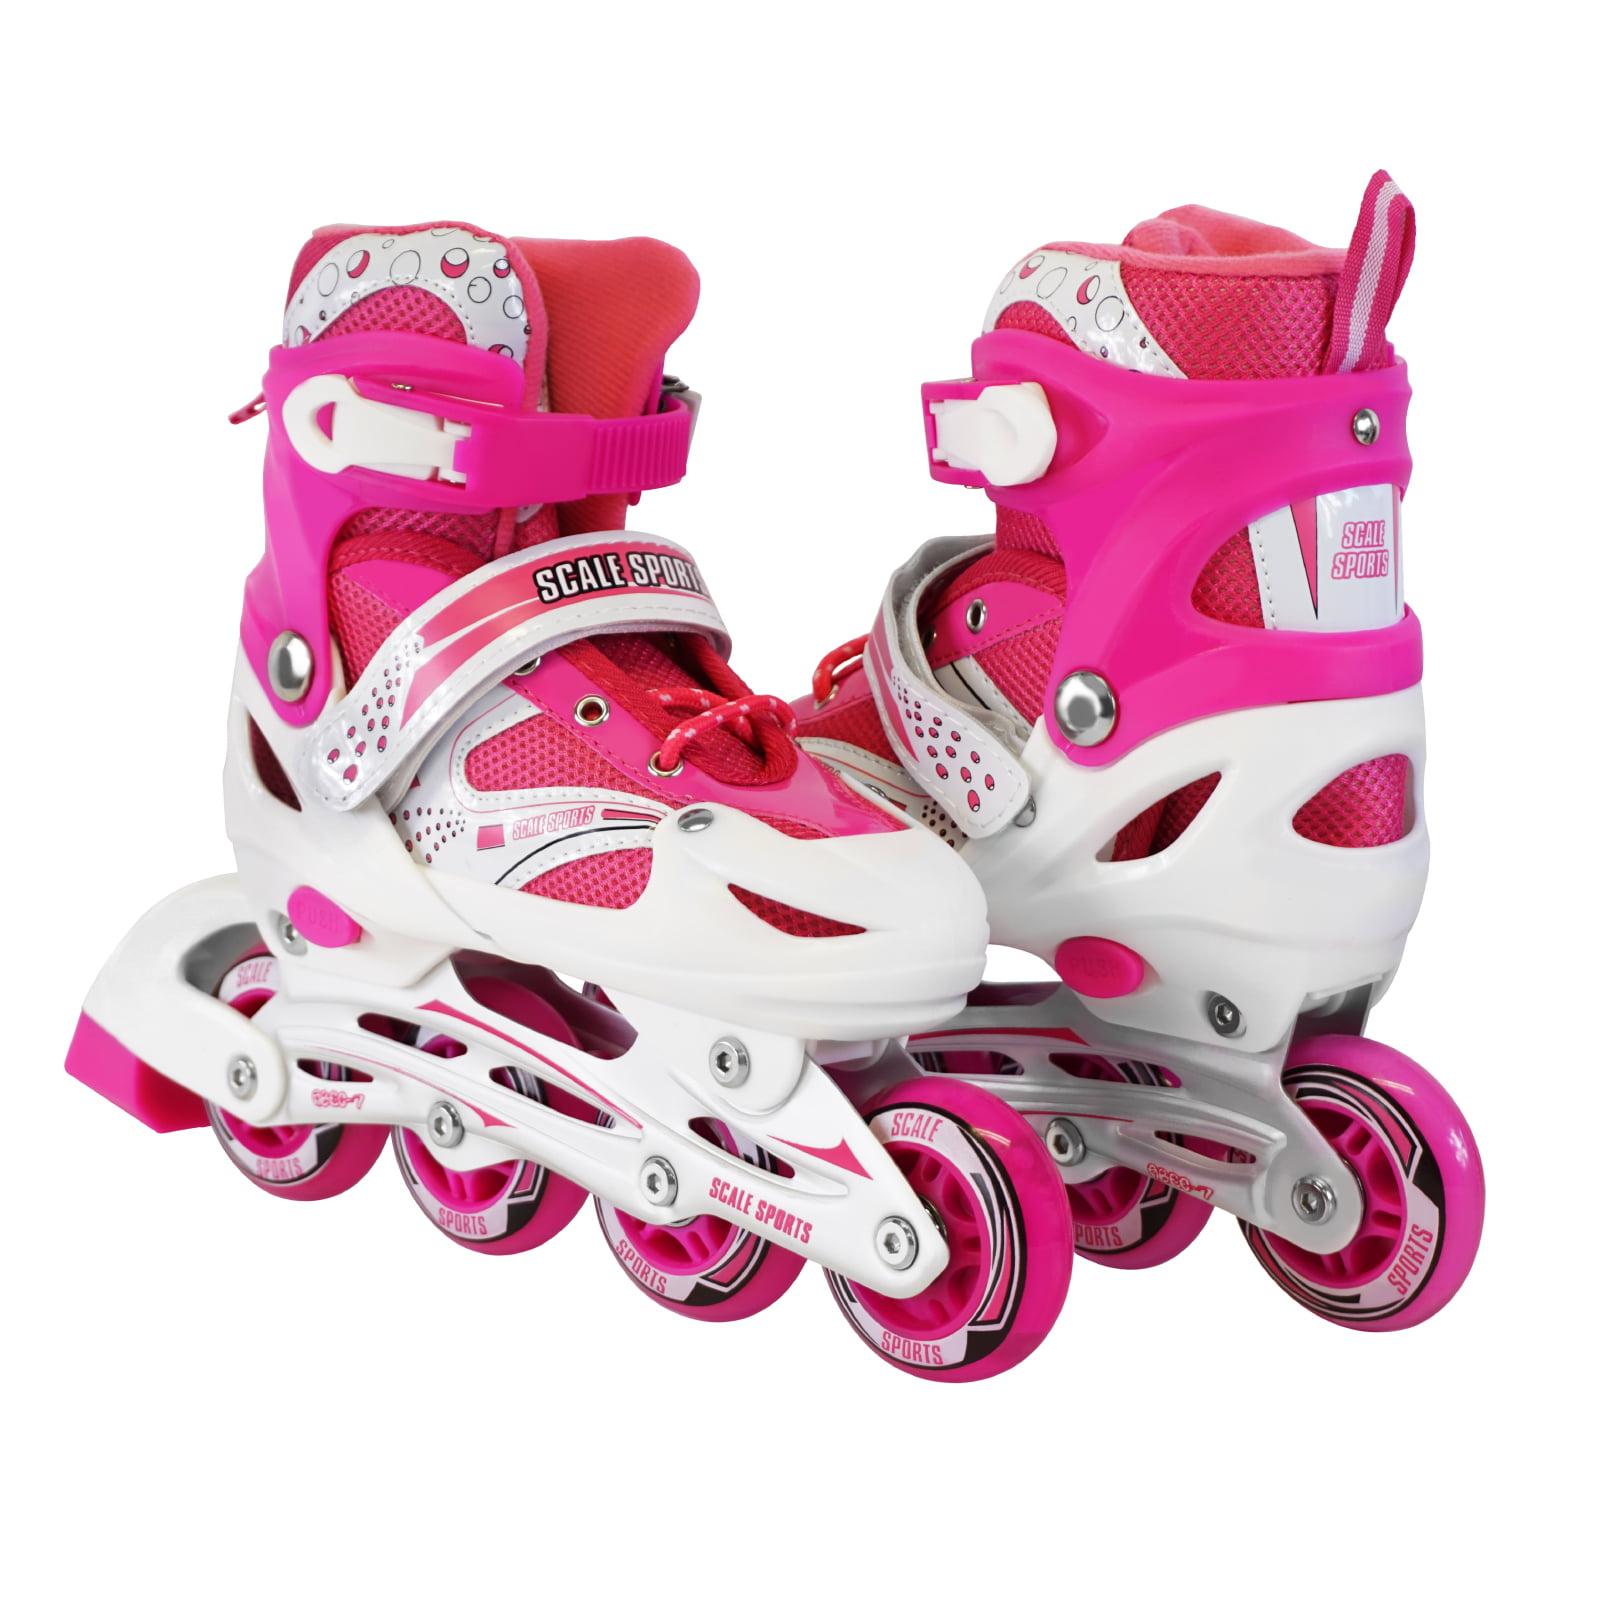 Size 2-4 Adjustable Kids Light Up Inline Skates Blue